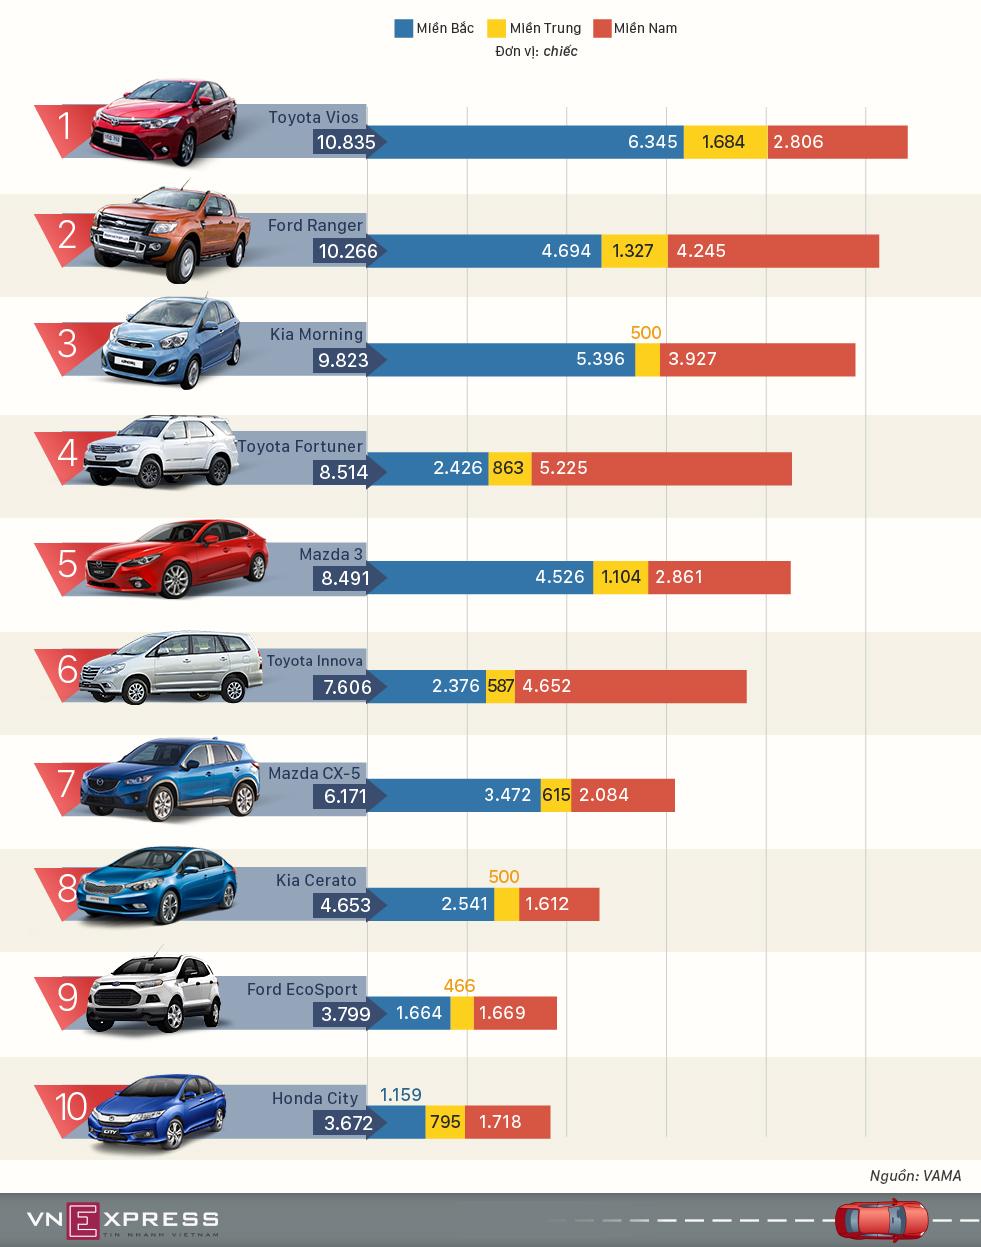 10 mẫu ôtô người Việt ưa chuộng nhất